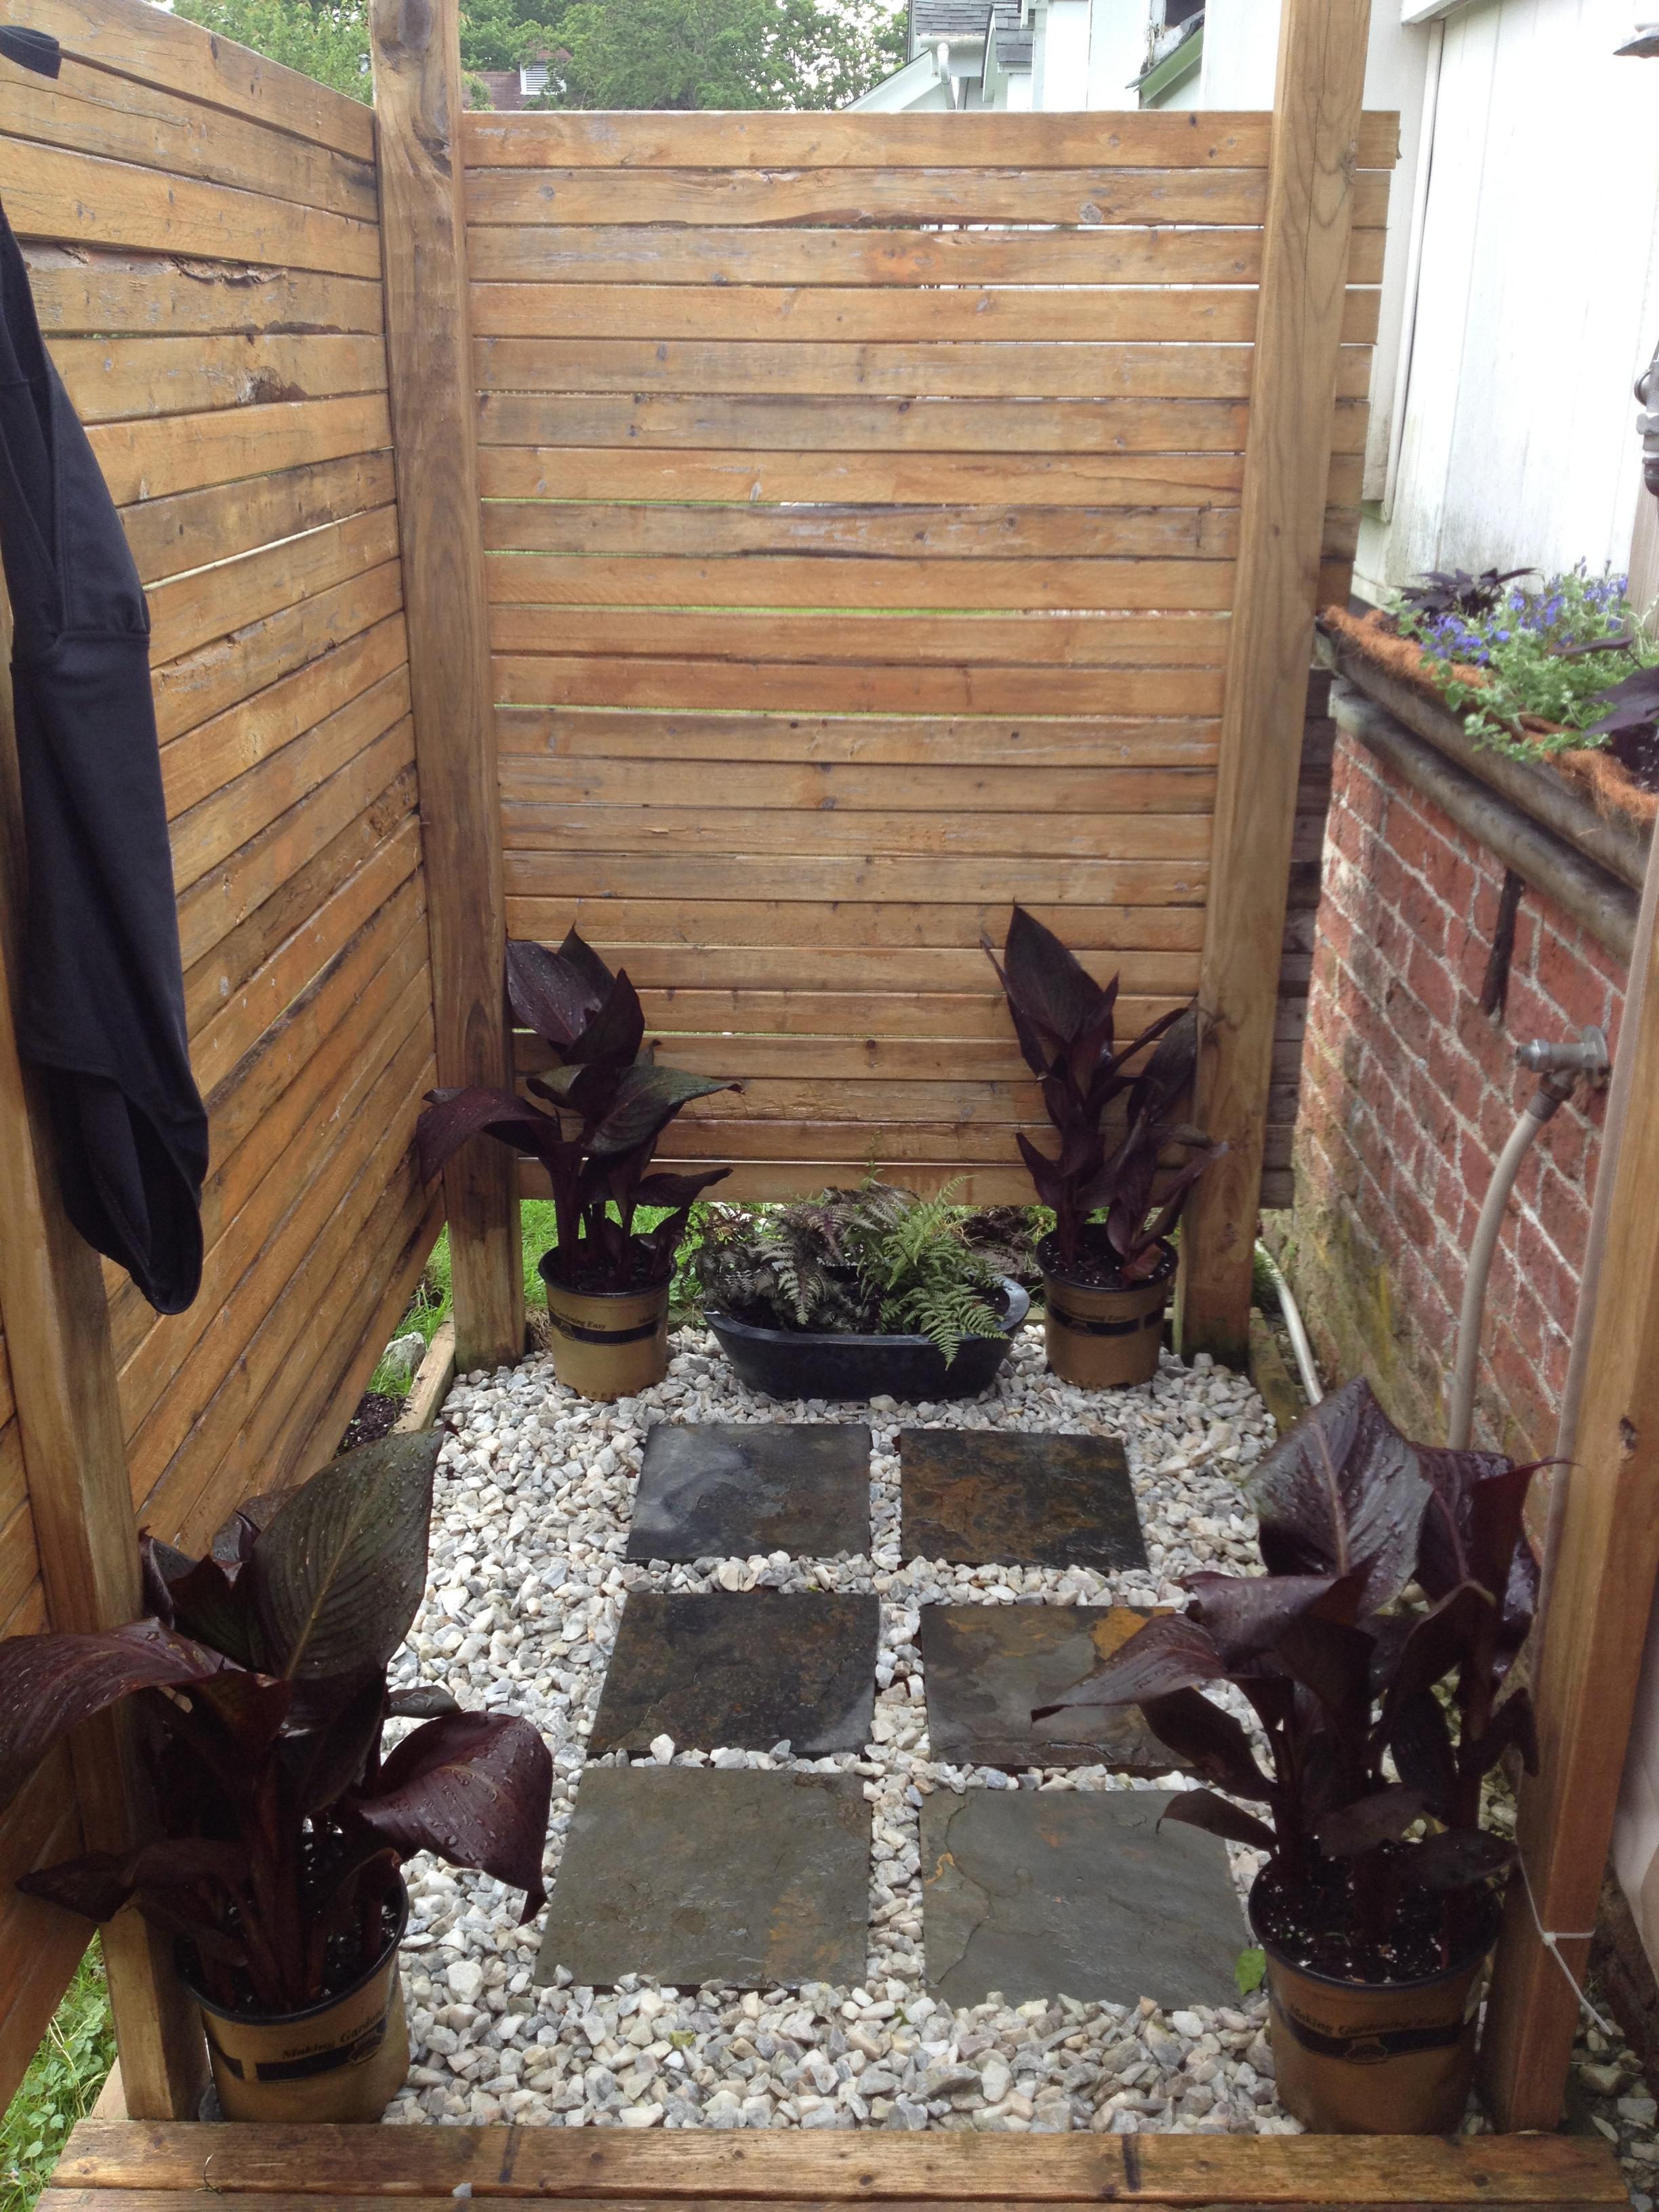 100 Outdoor Showers Bath Ideas In 2020 Outdoor Outdoor Shower Outdoor Bathrooms